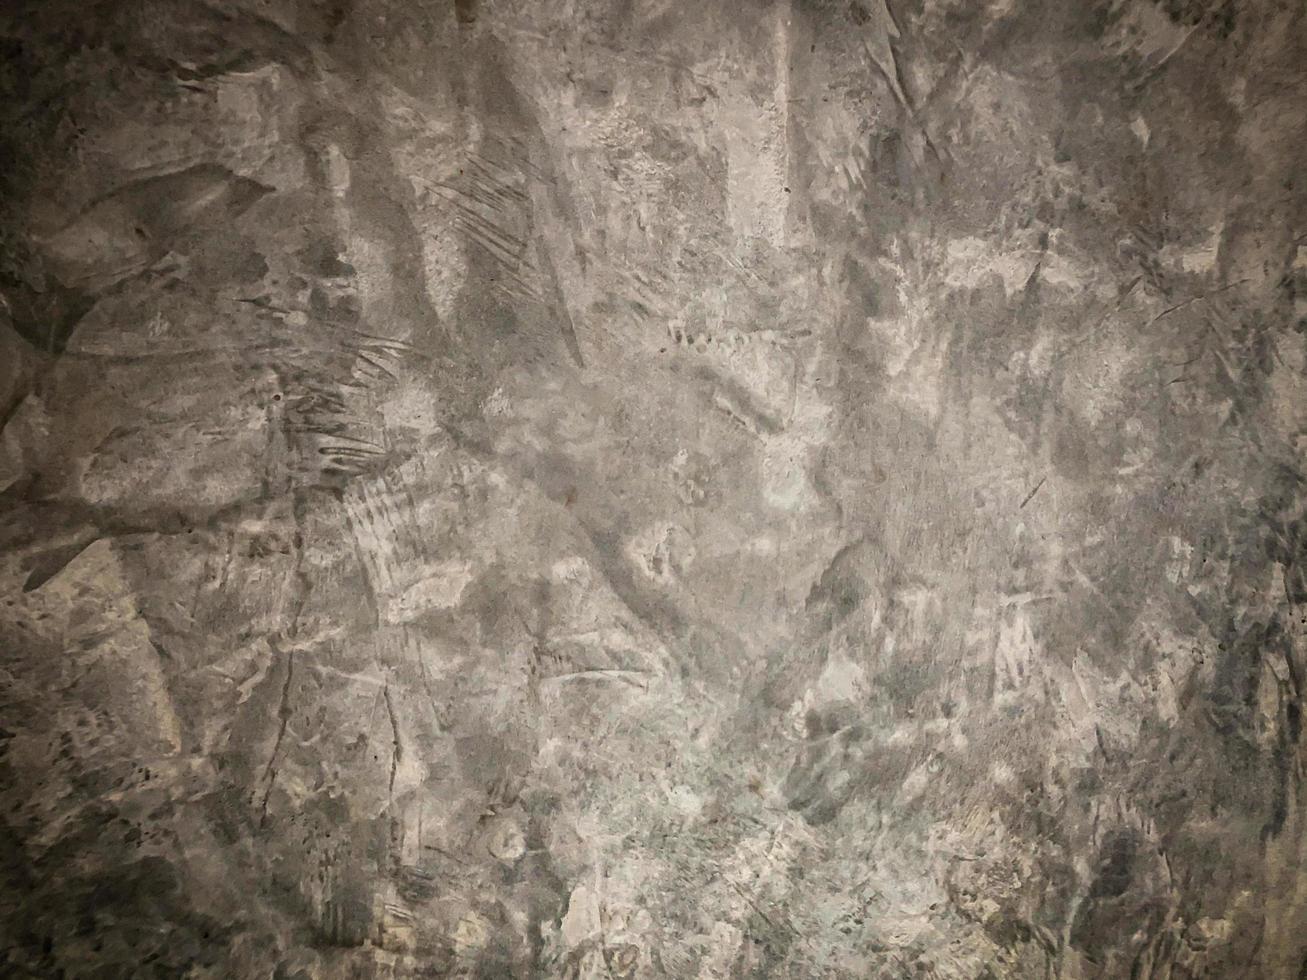 fond de béton gris nu photo